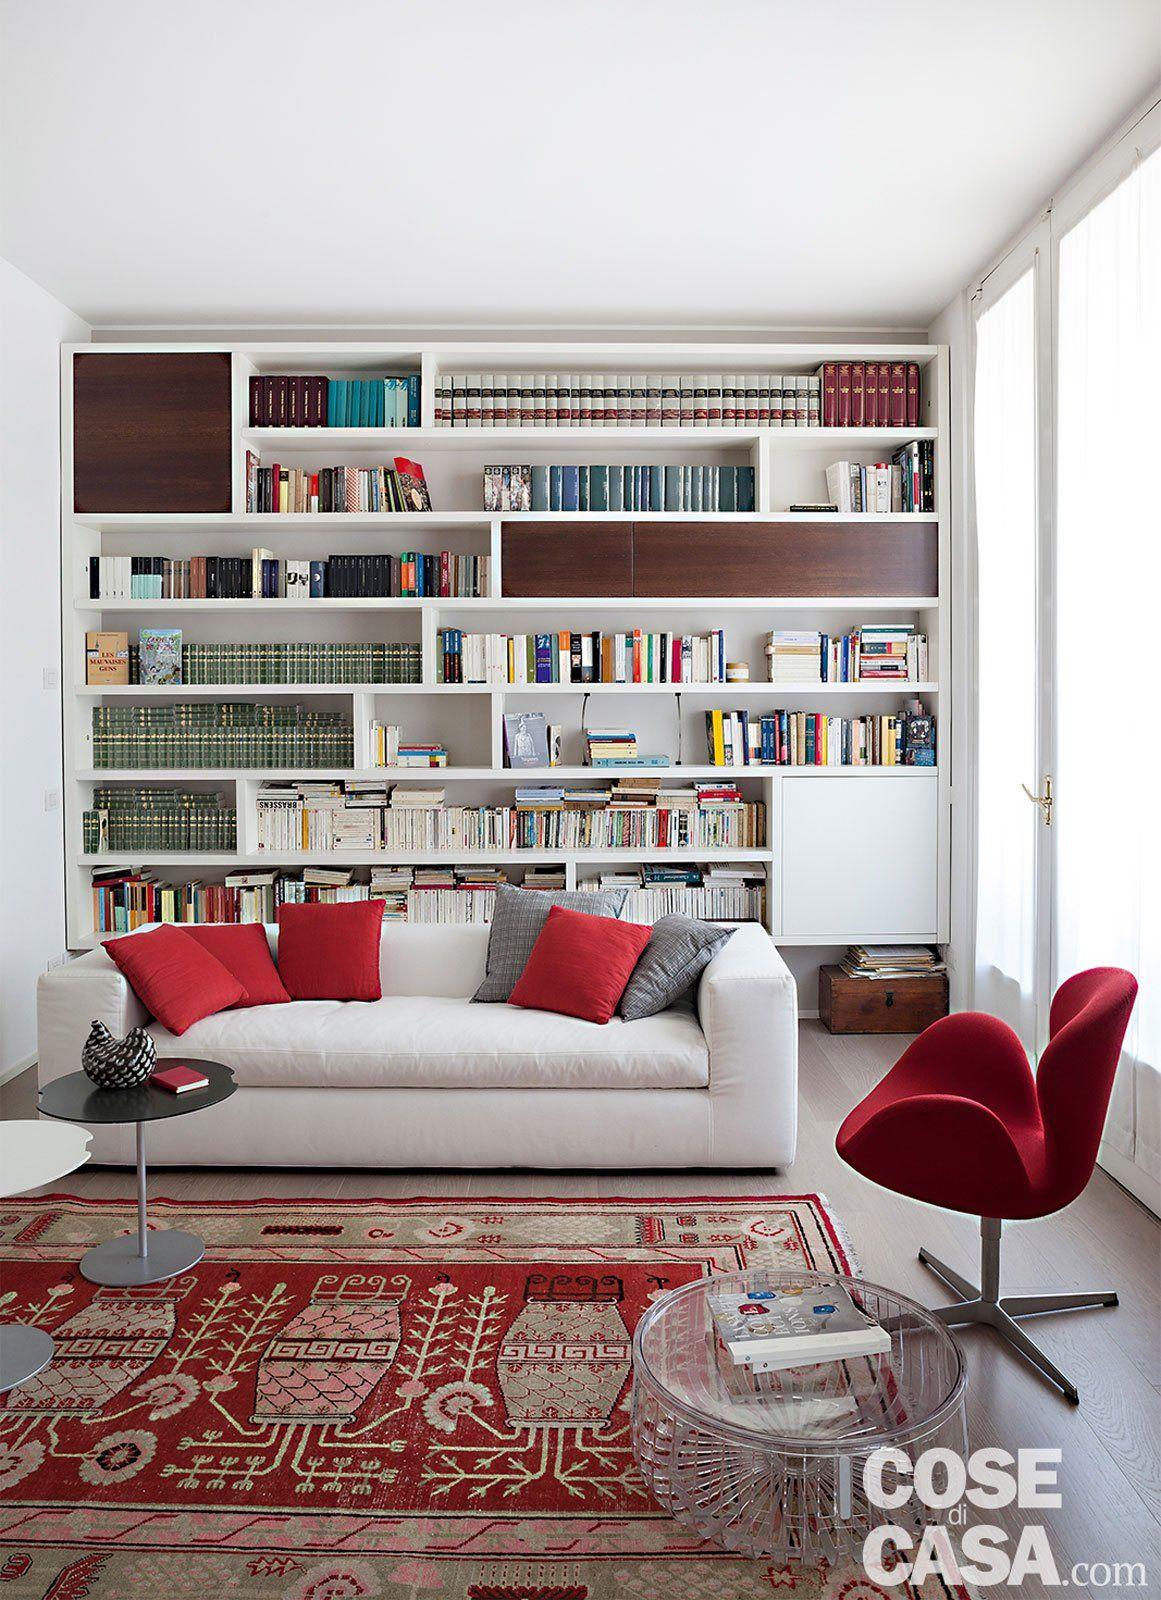 Costo Soppalco Al Mq 50 mq: una casa open space per avere più luce. guarda i